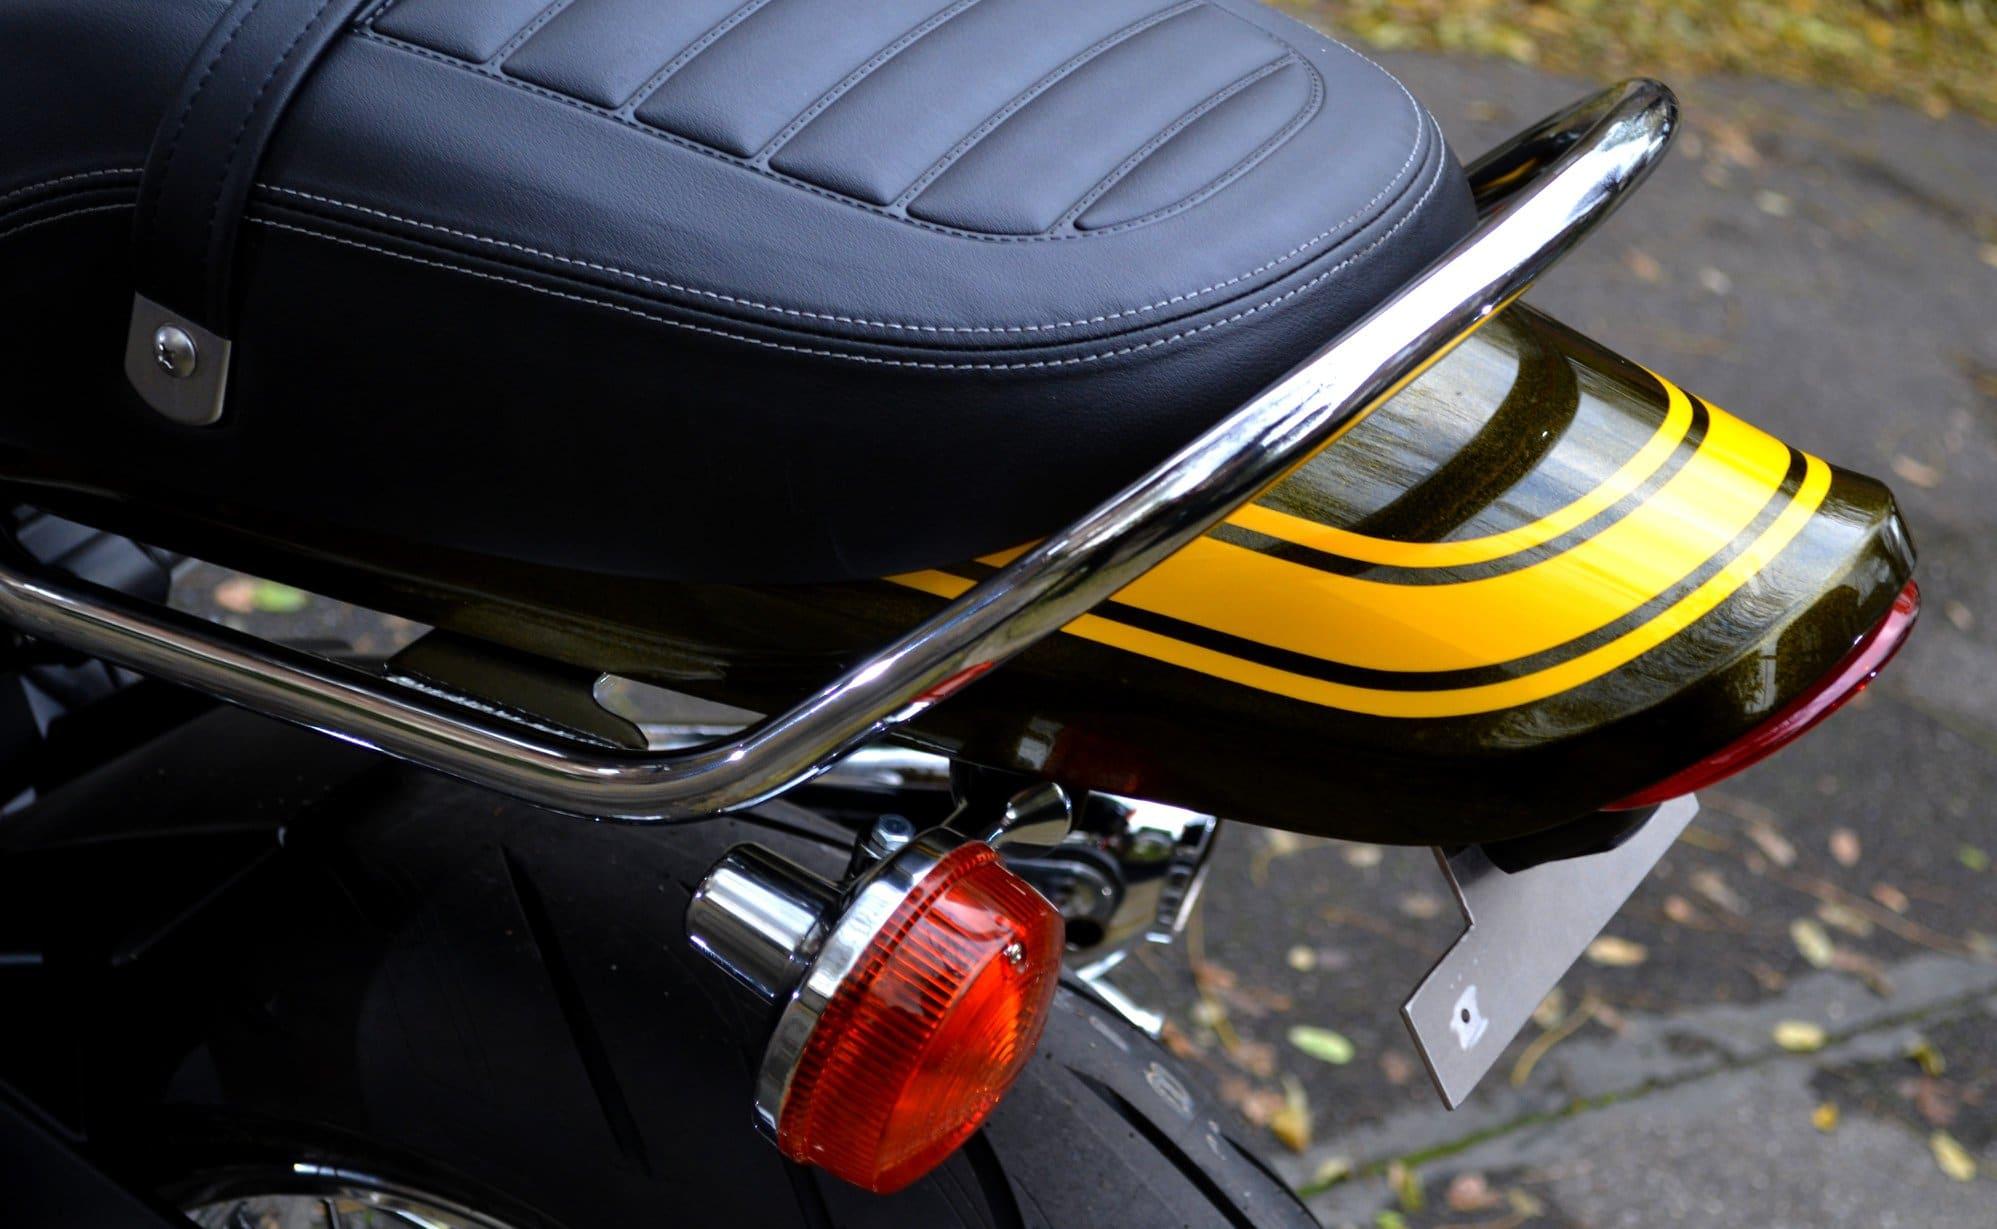 z900rs-n7-kb-style8